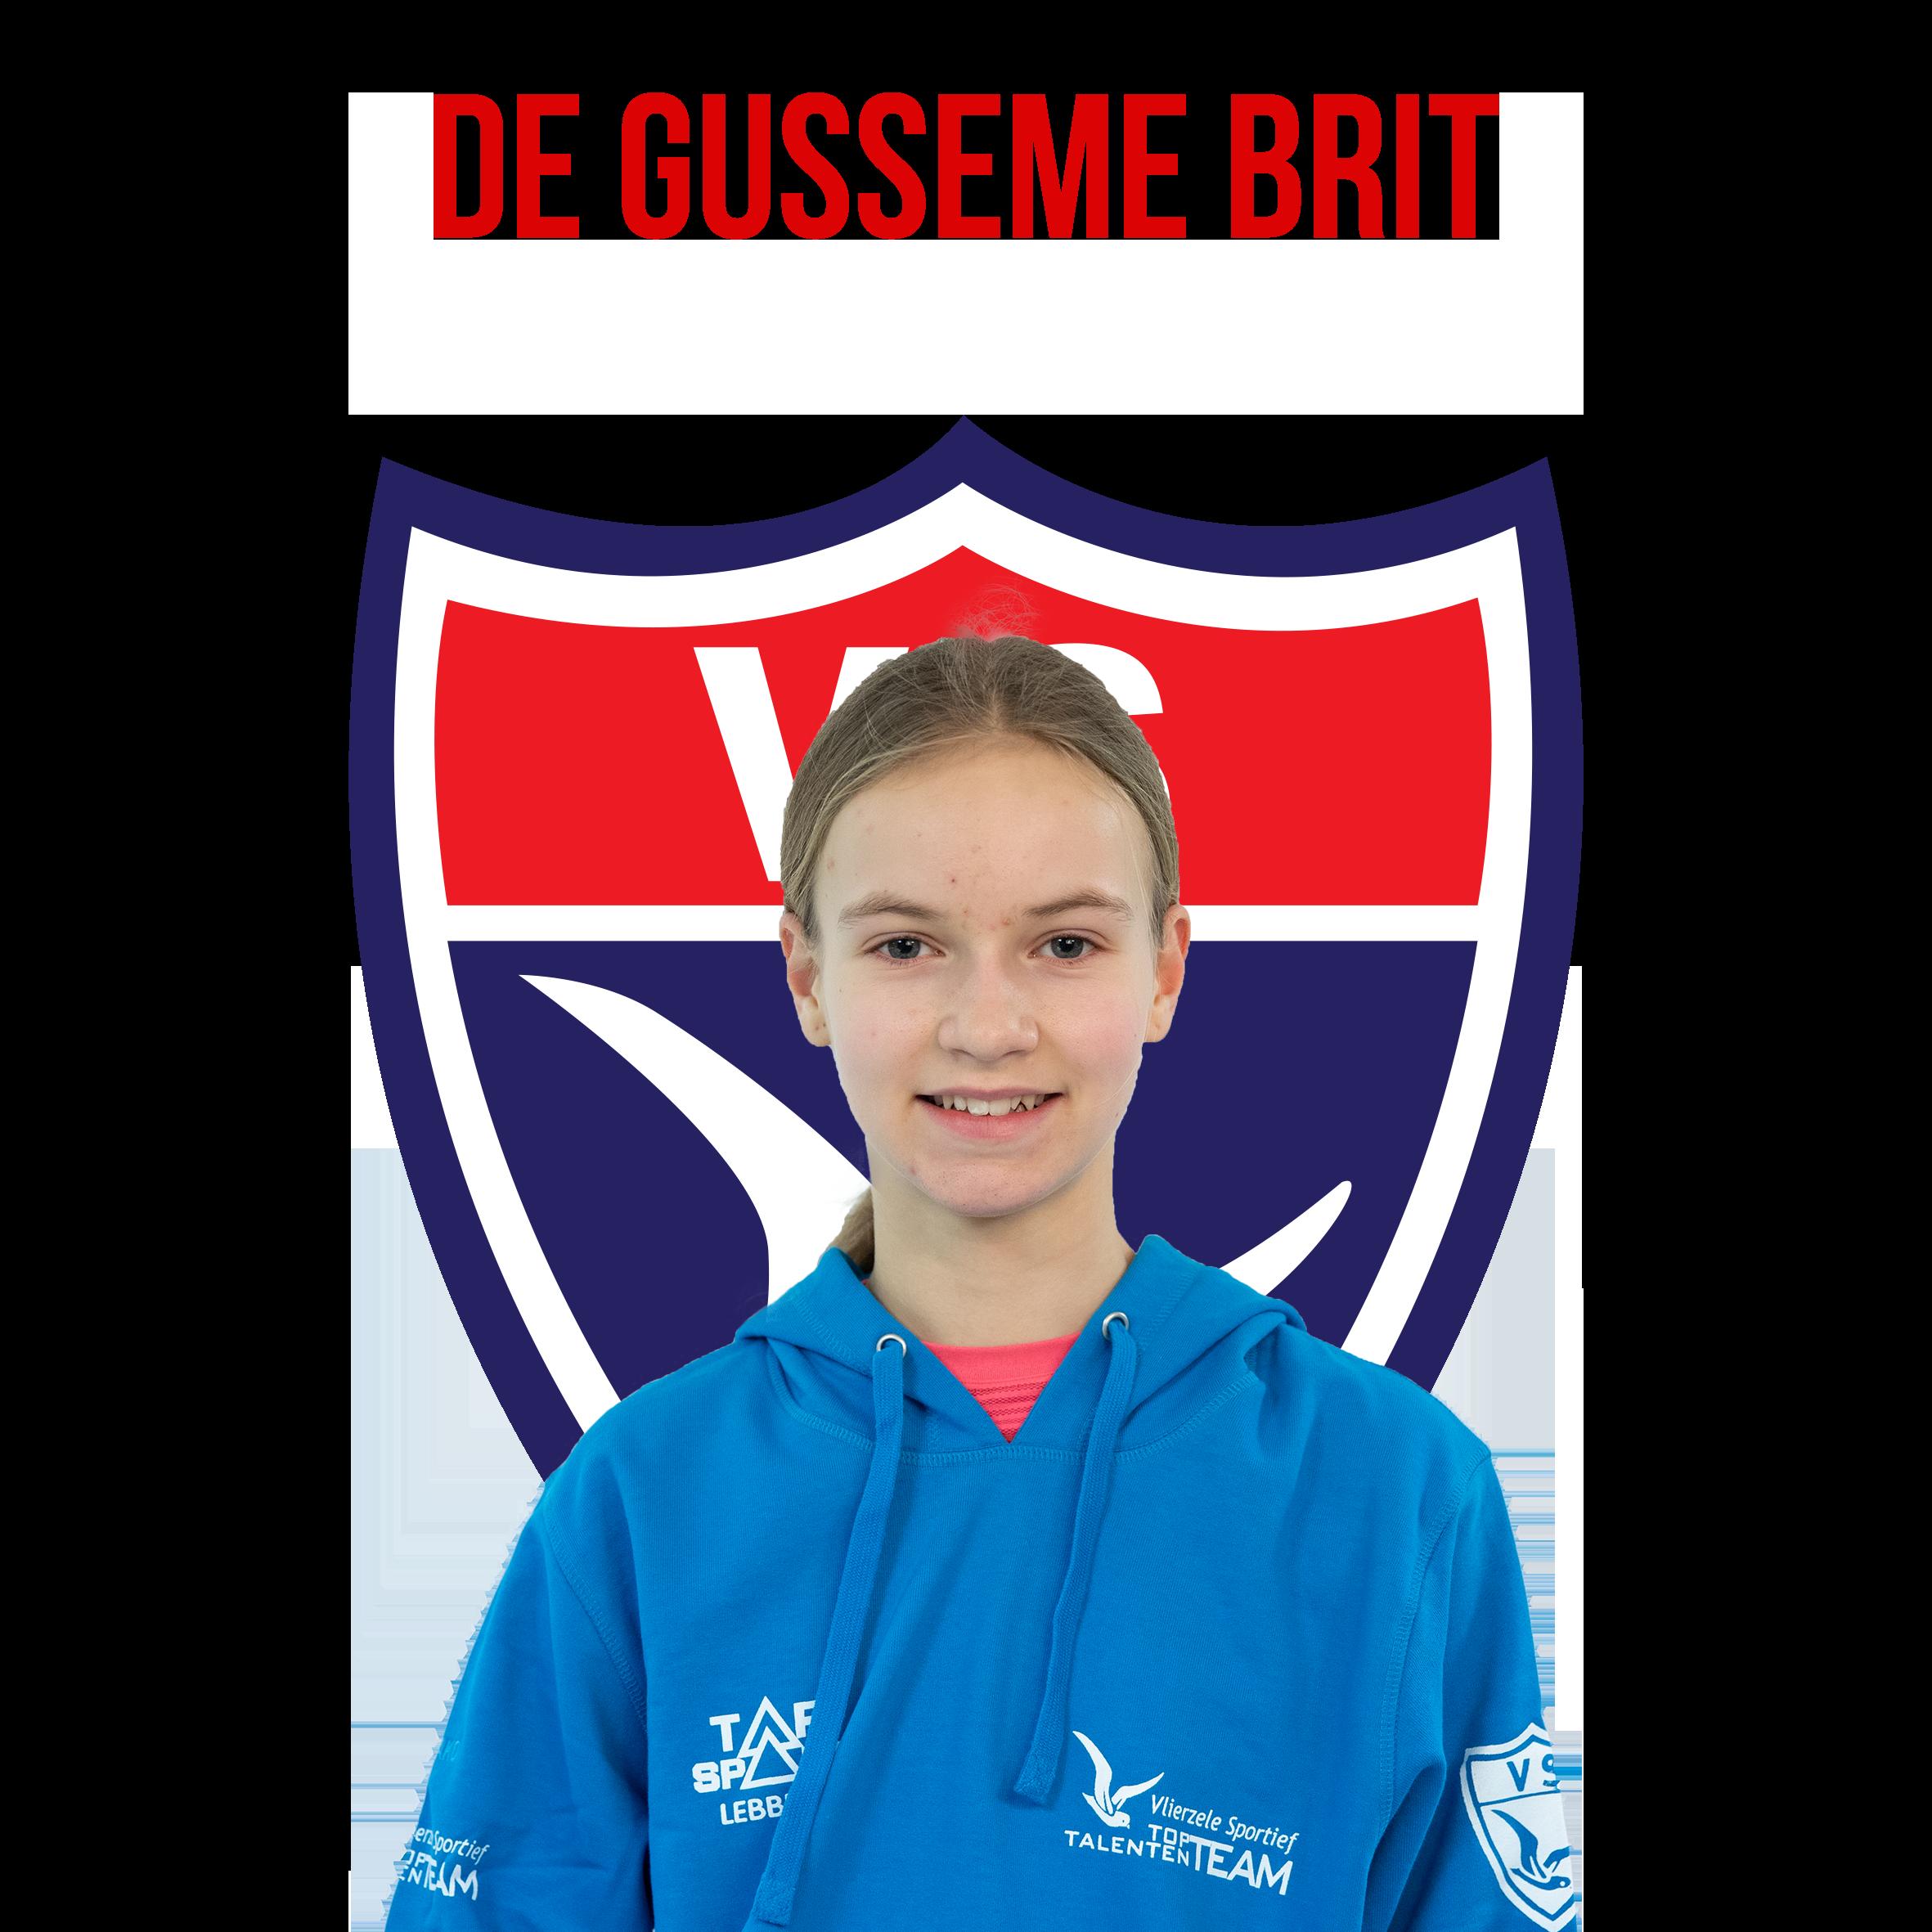 De_gusseme_britt